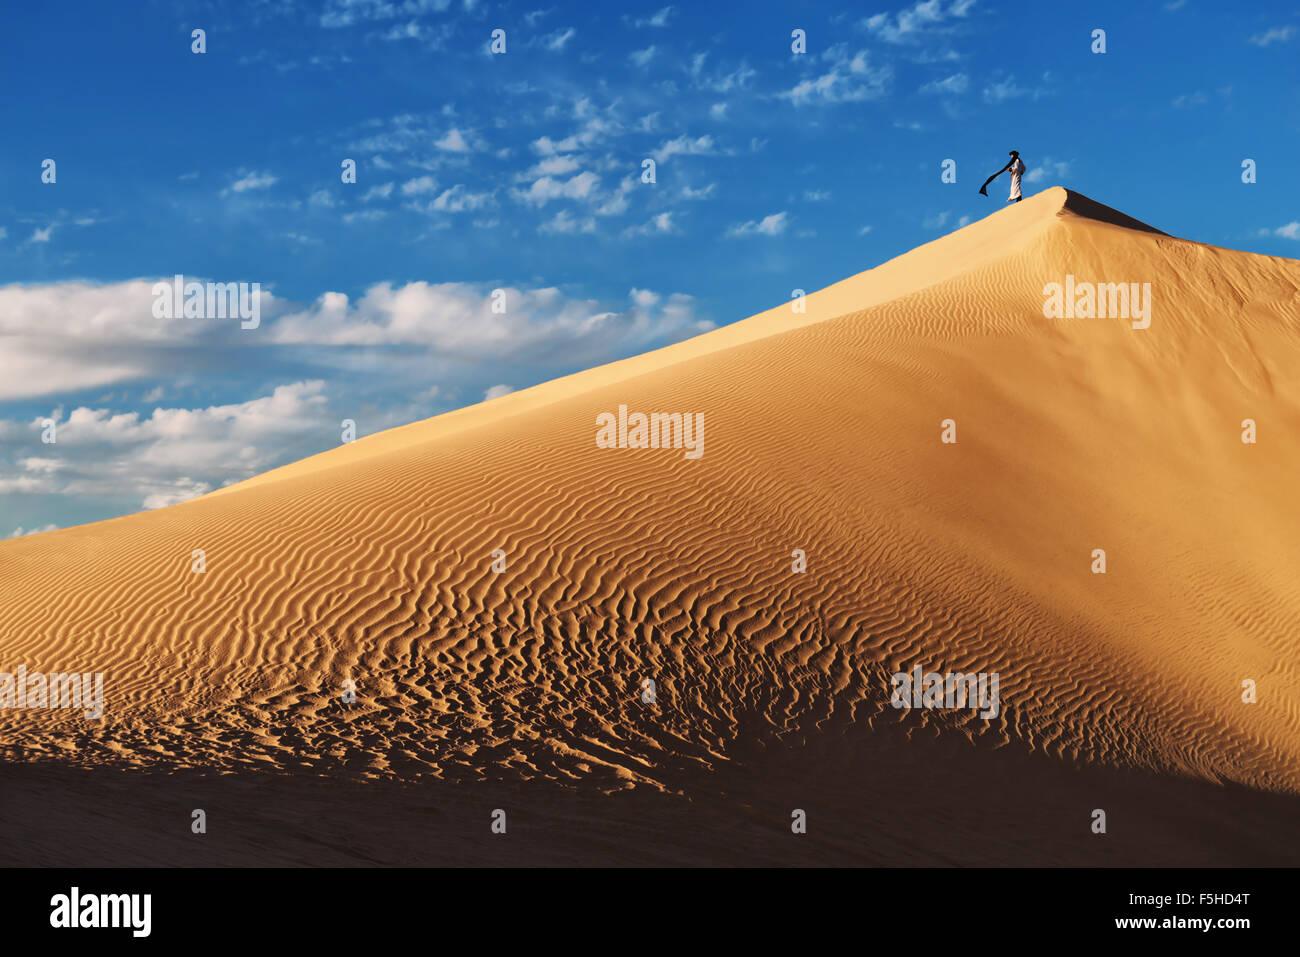 Un tradizionale vestito uomo marocchino sorge su una duna di sabbia contro un nuvoloso cielo blu. Immagini Stock